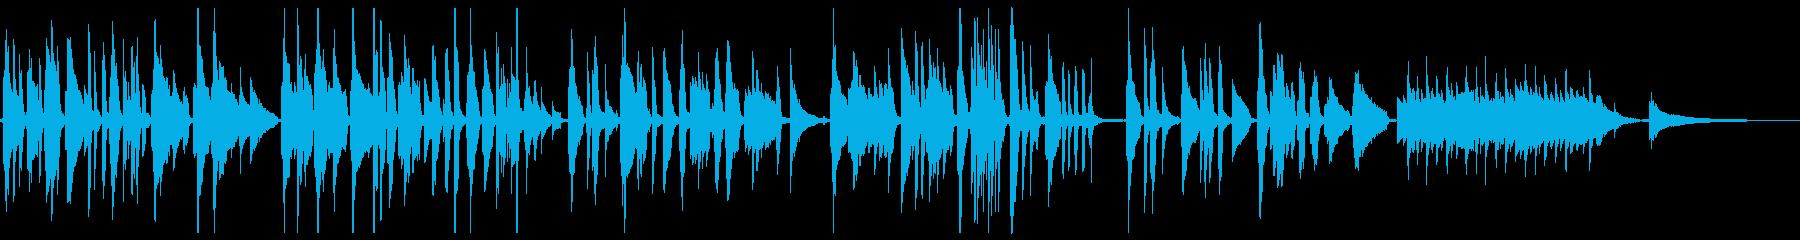 名曲・我は海の子のソロギターの再生済みの波形